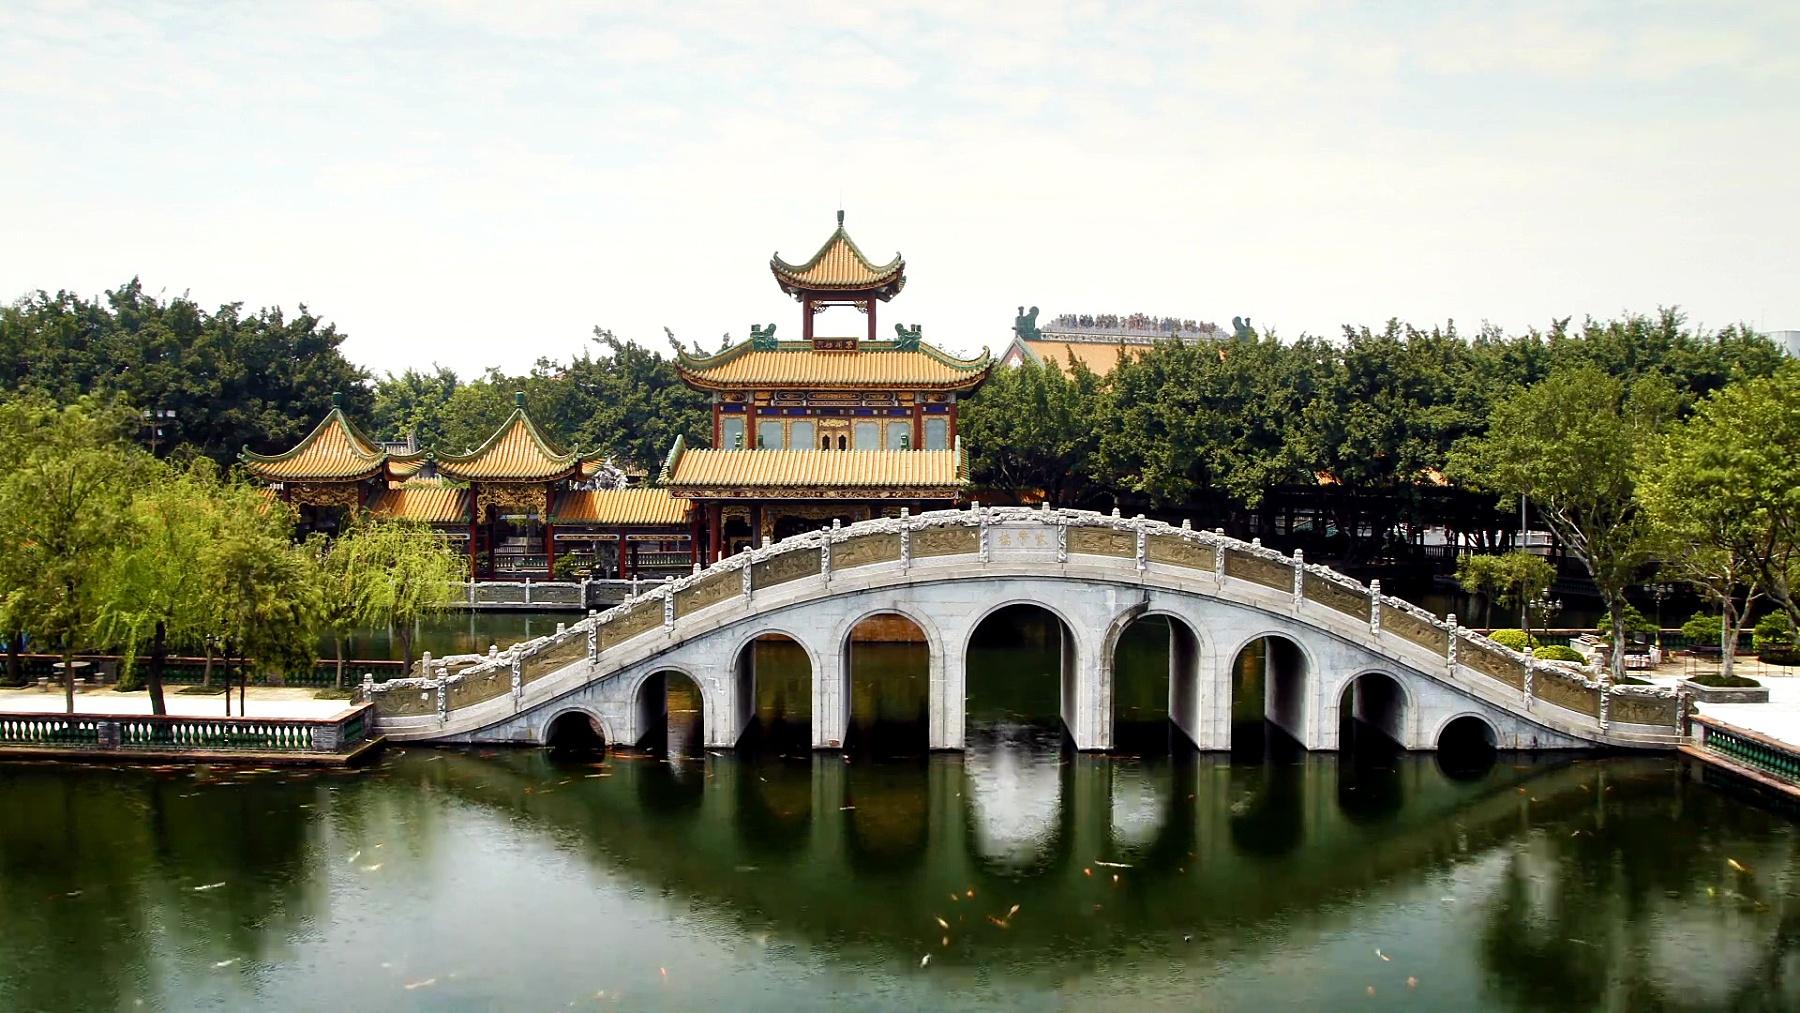 石拱桥和亭子